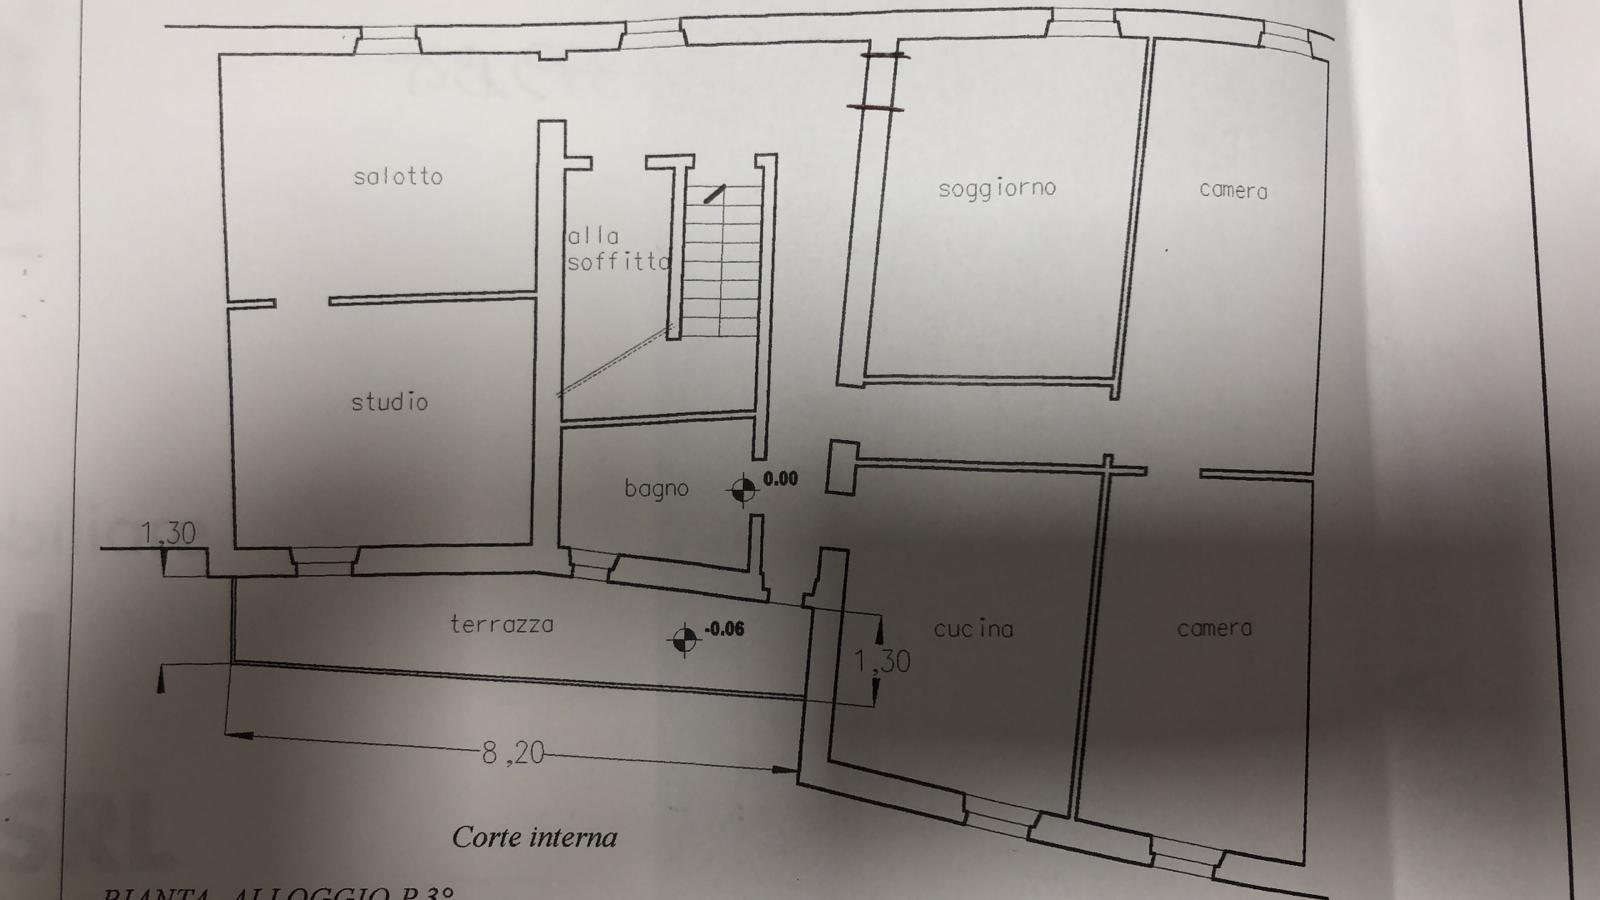 Appartamento in vendita, rif. 237 (Planimetria 1/1)